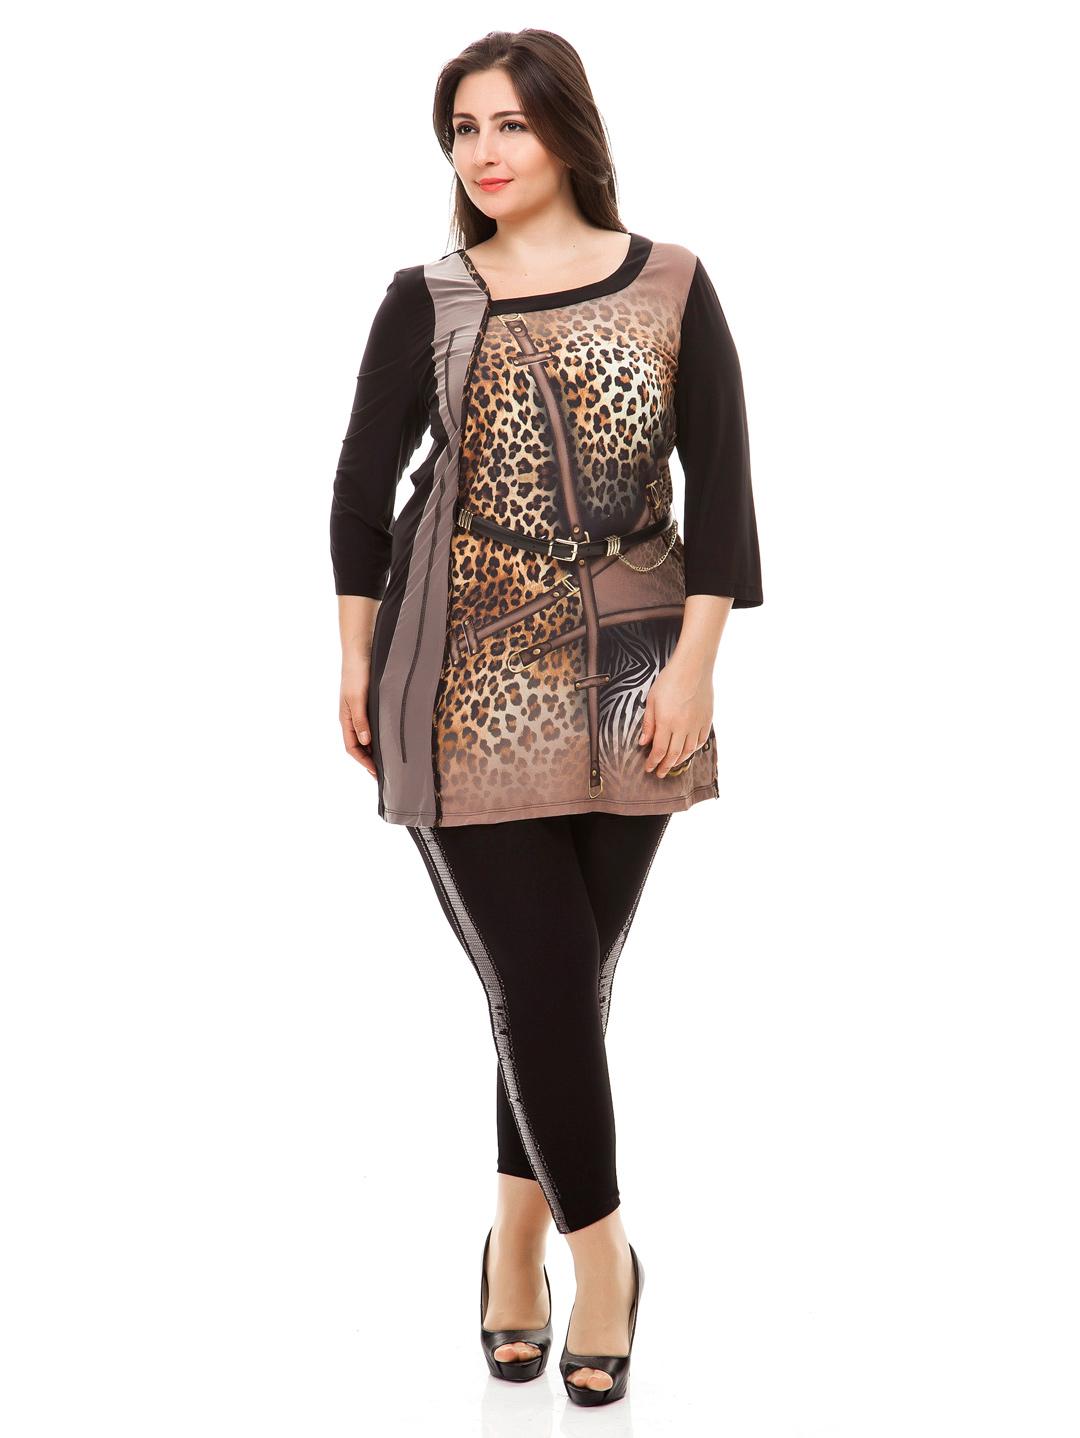 Plus Size Dresses Collection 2013 | Plus Size Party ...